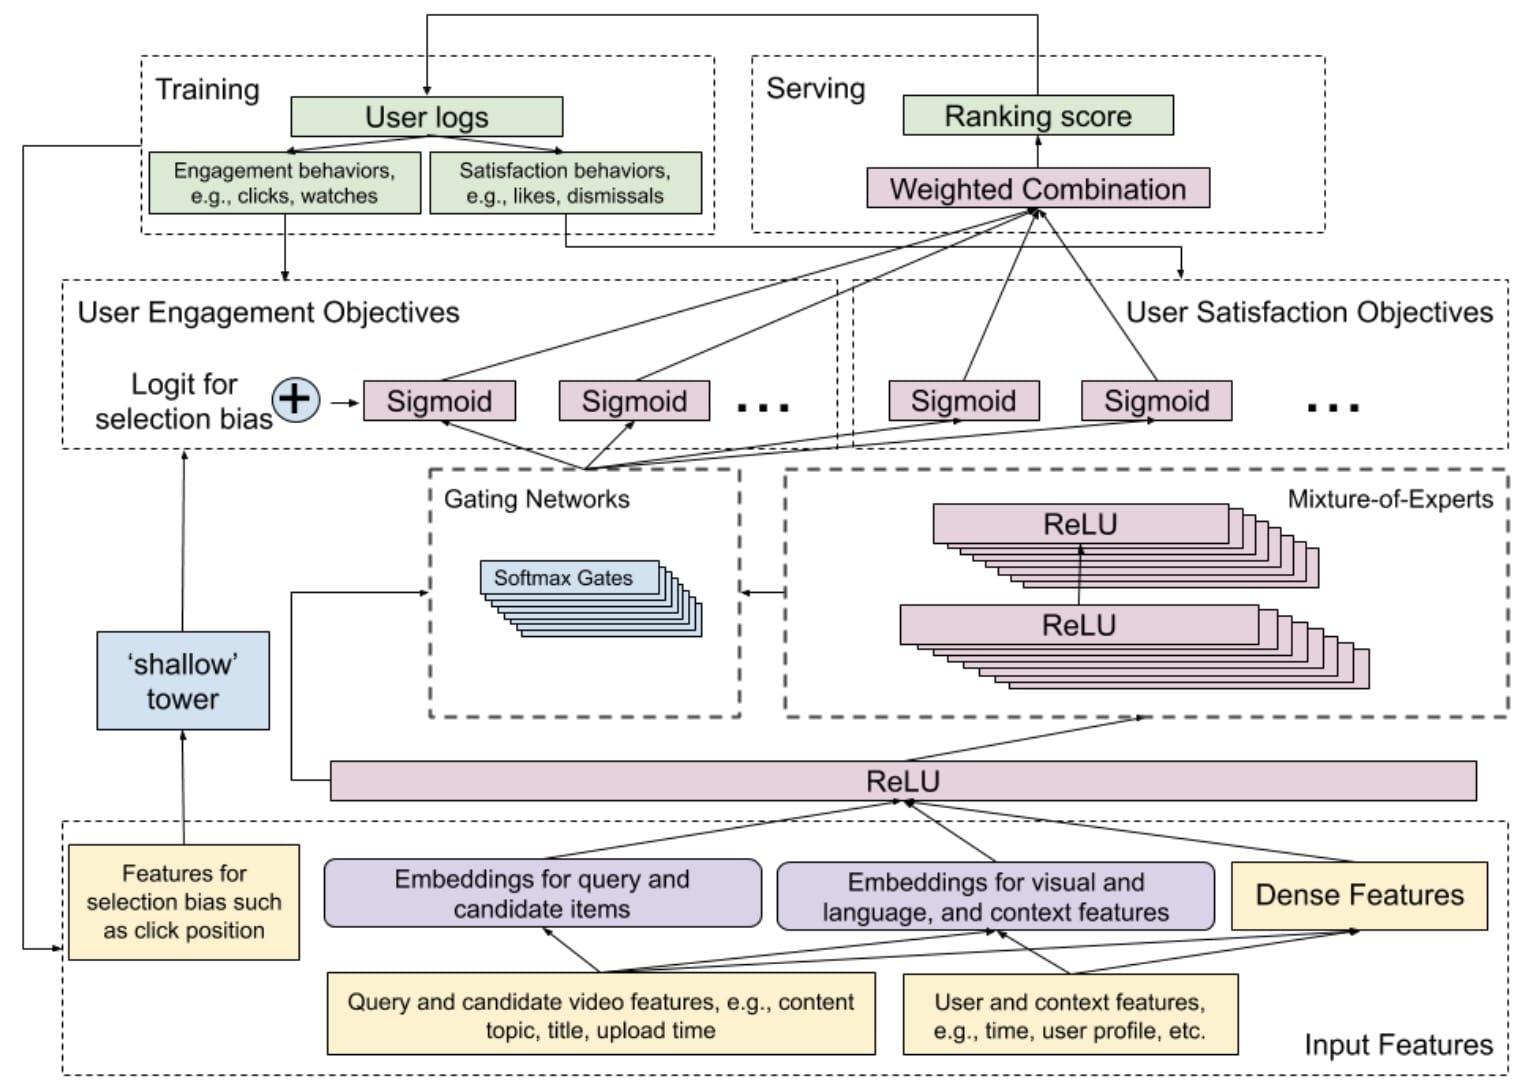 模型的完整架构